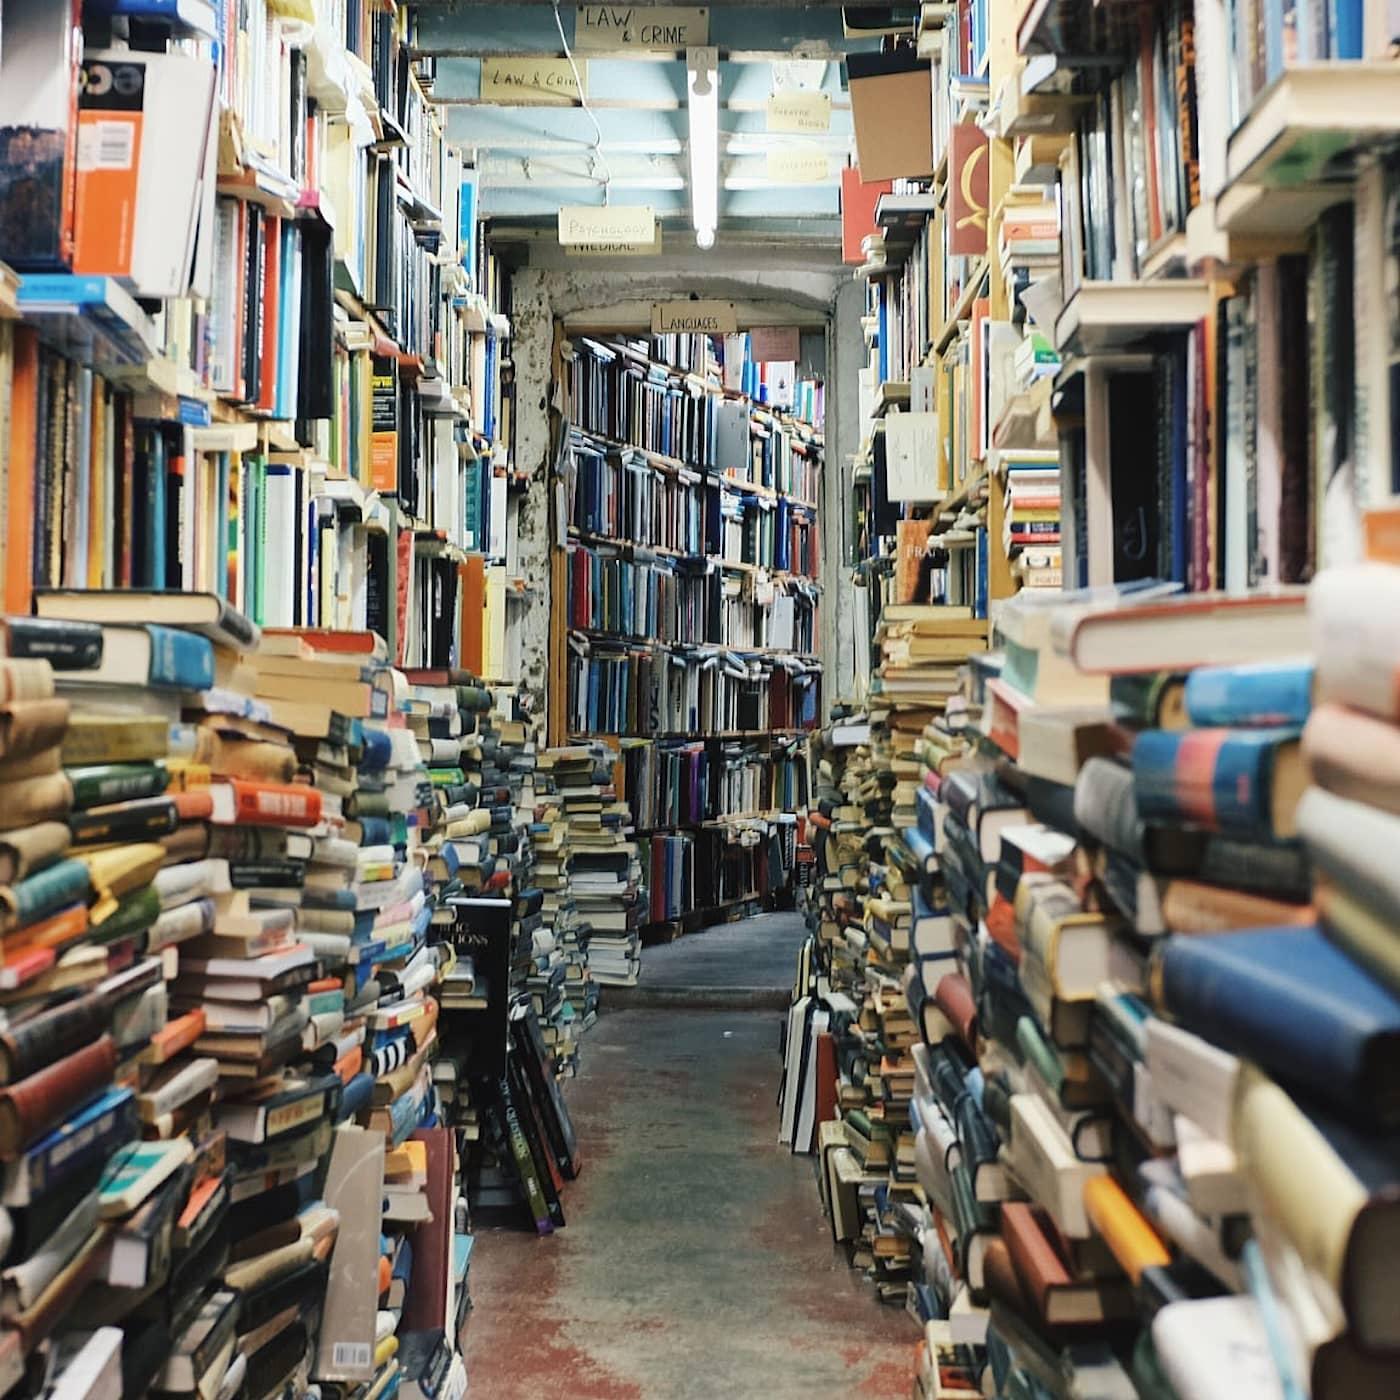 Så blir du en hobbyspråkforskare del 1 – Om SAOL, Korp och nutida språkfrågor